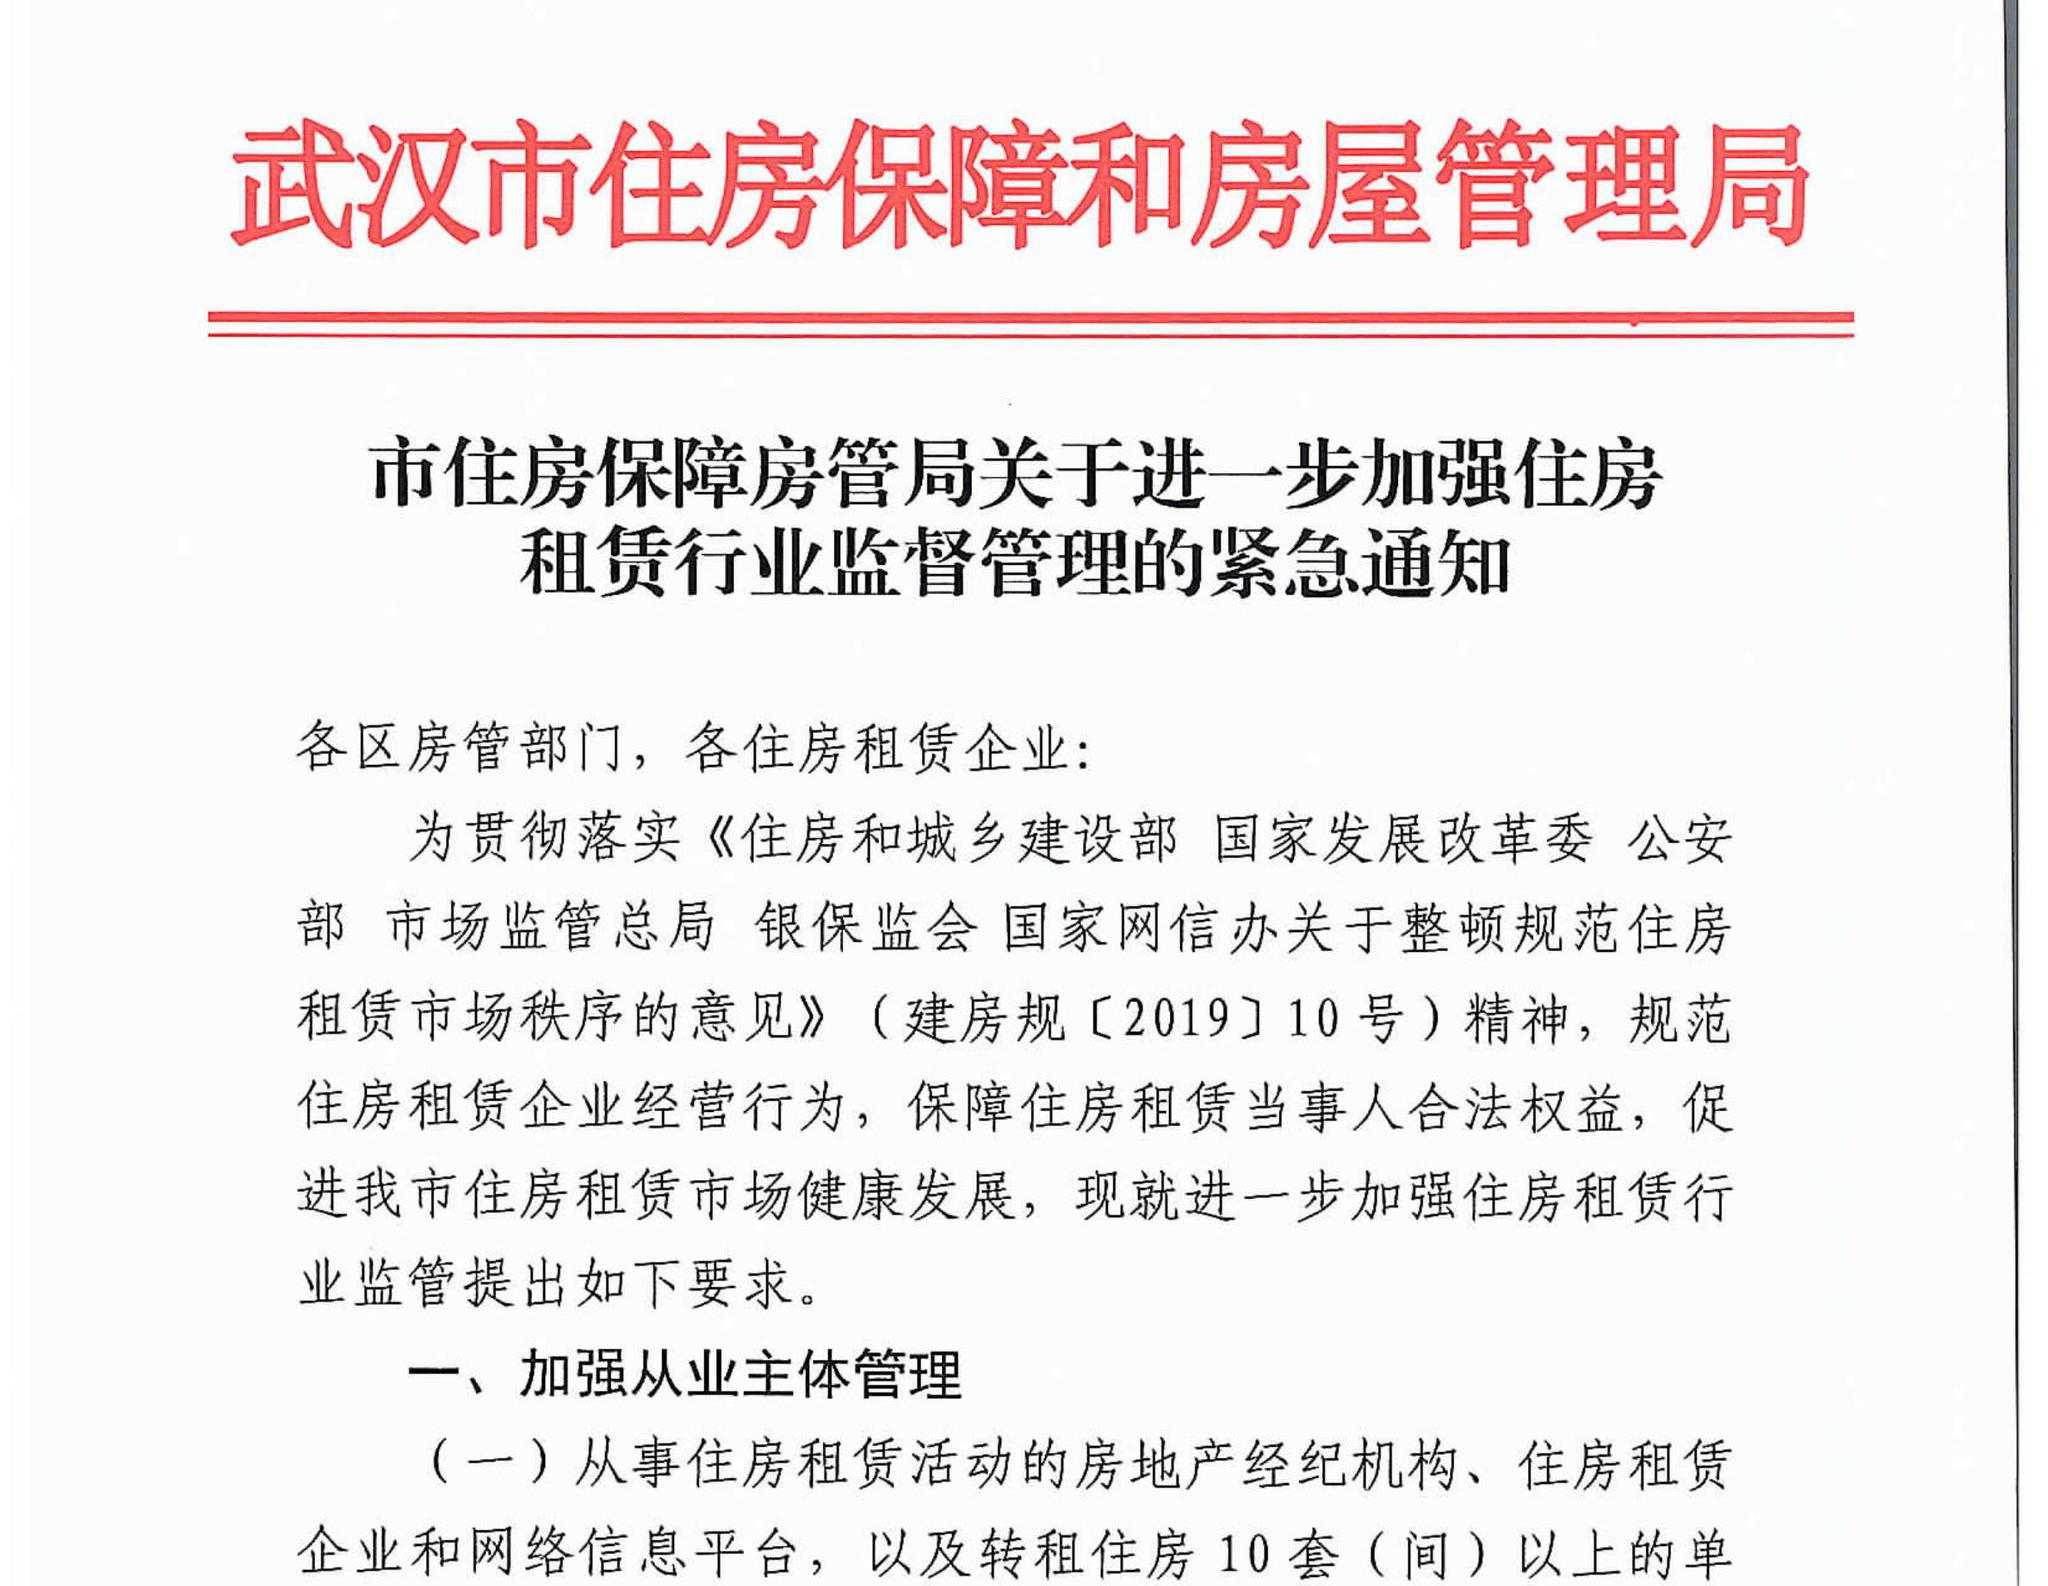 武汉市住房保障和房屋管理局:严禁中介以长收短付等方式敛财